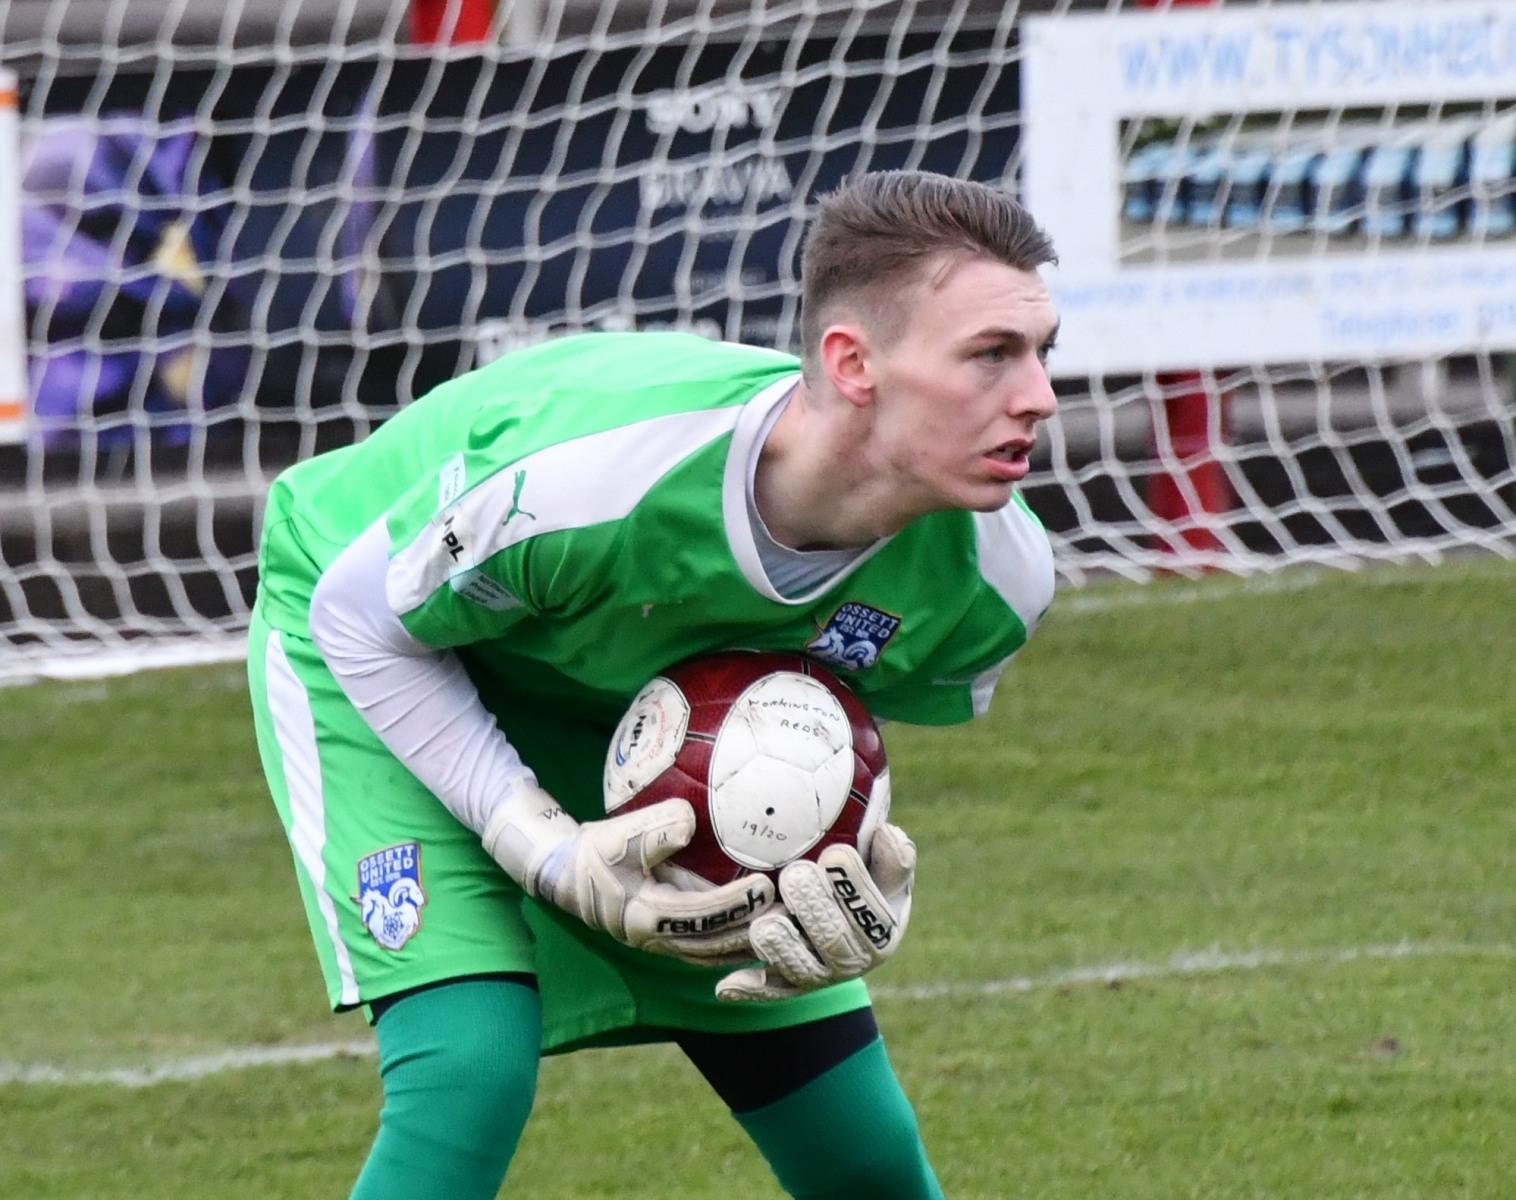 Workington-Reds-v-Ossett-Utd-Ben-Challis-3